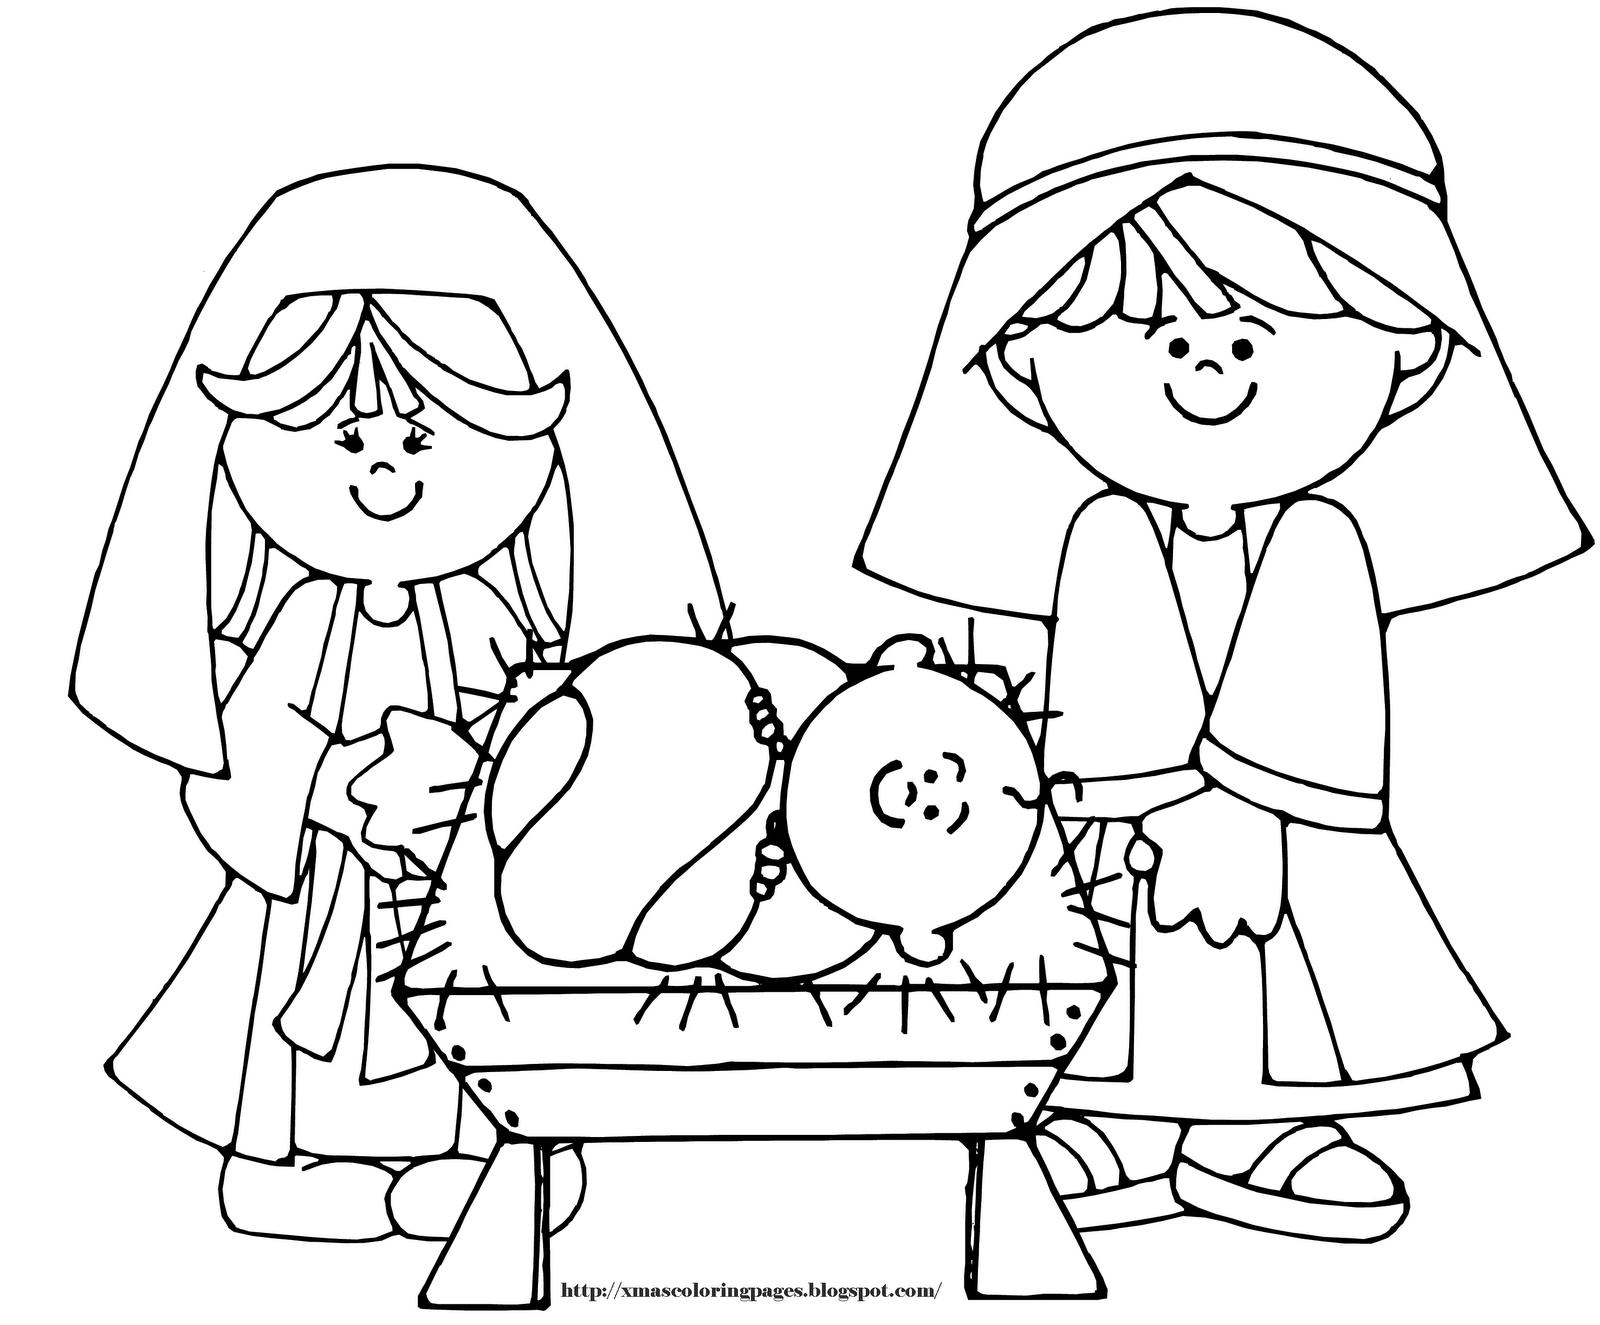 jesus coloring page free printable jesus coloring pages for kids cool2bkids jesus page coloring